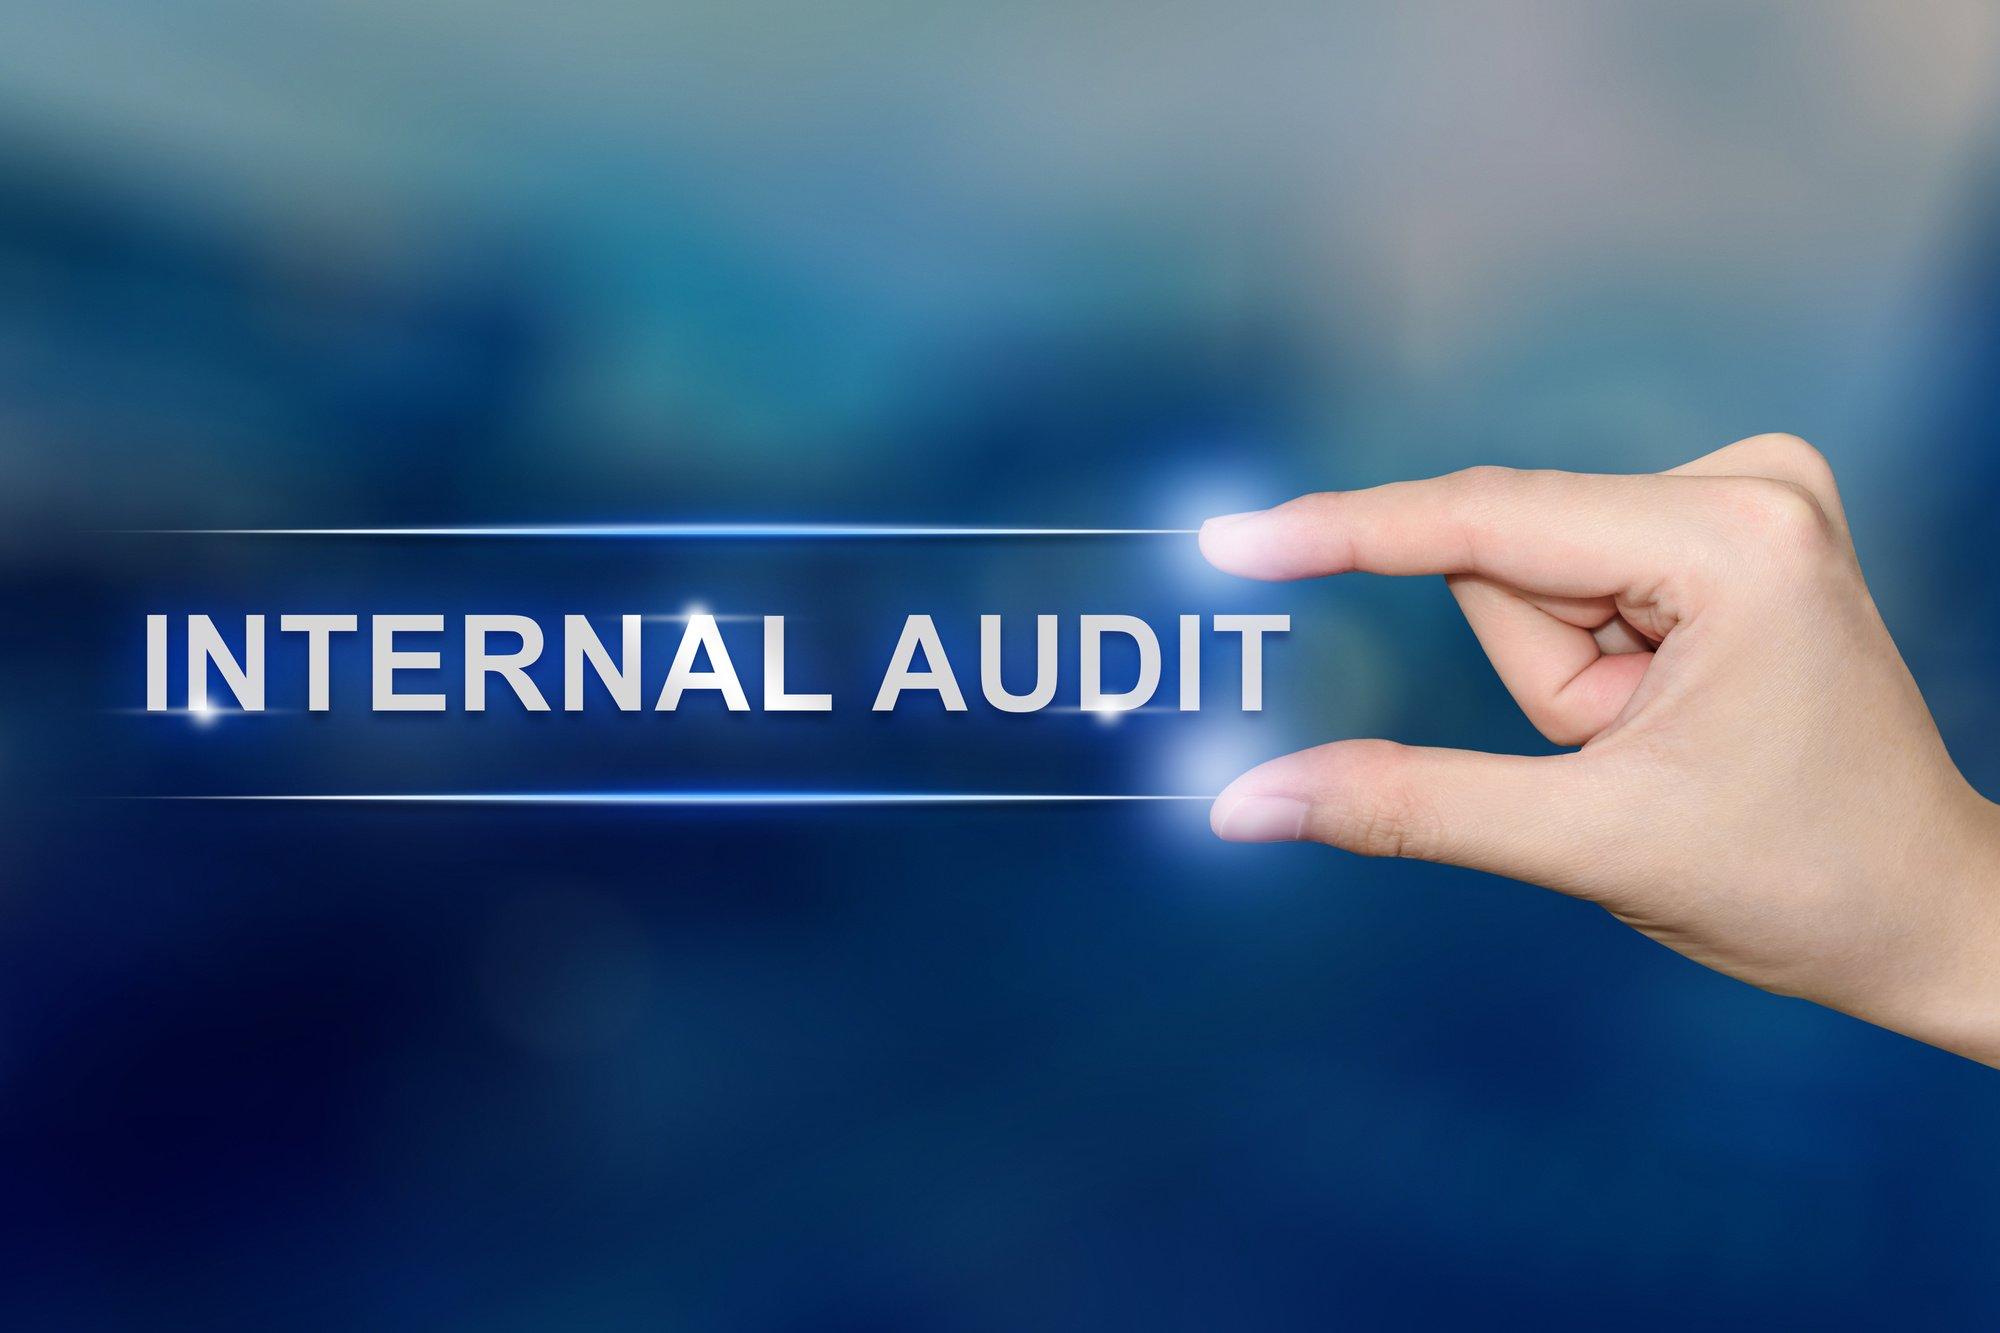 internet audit text